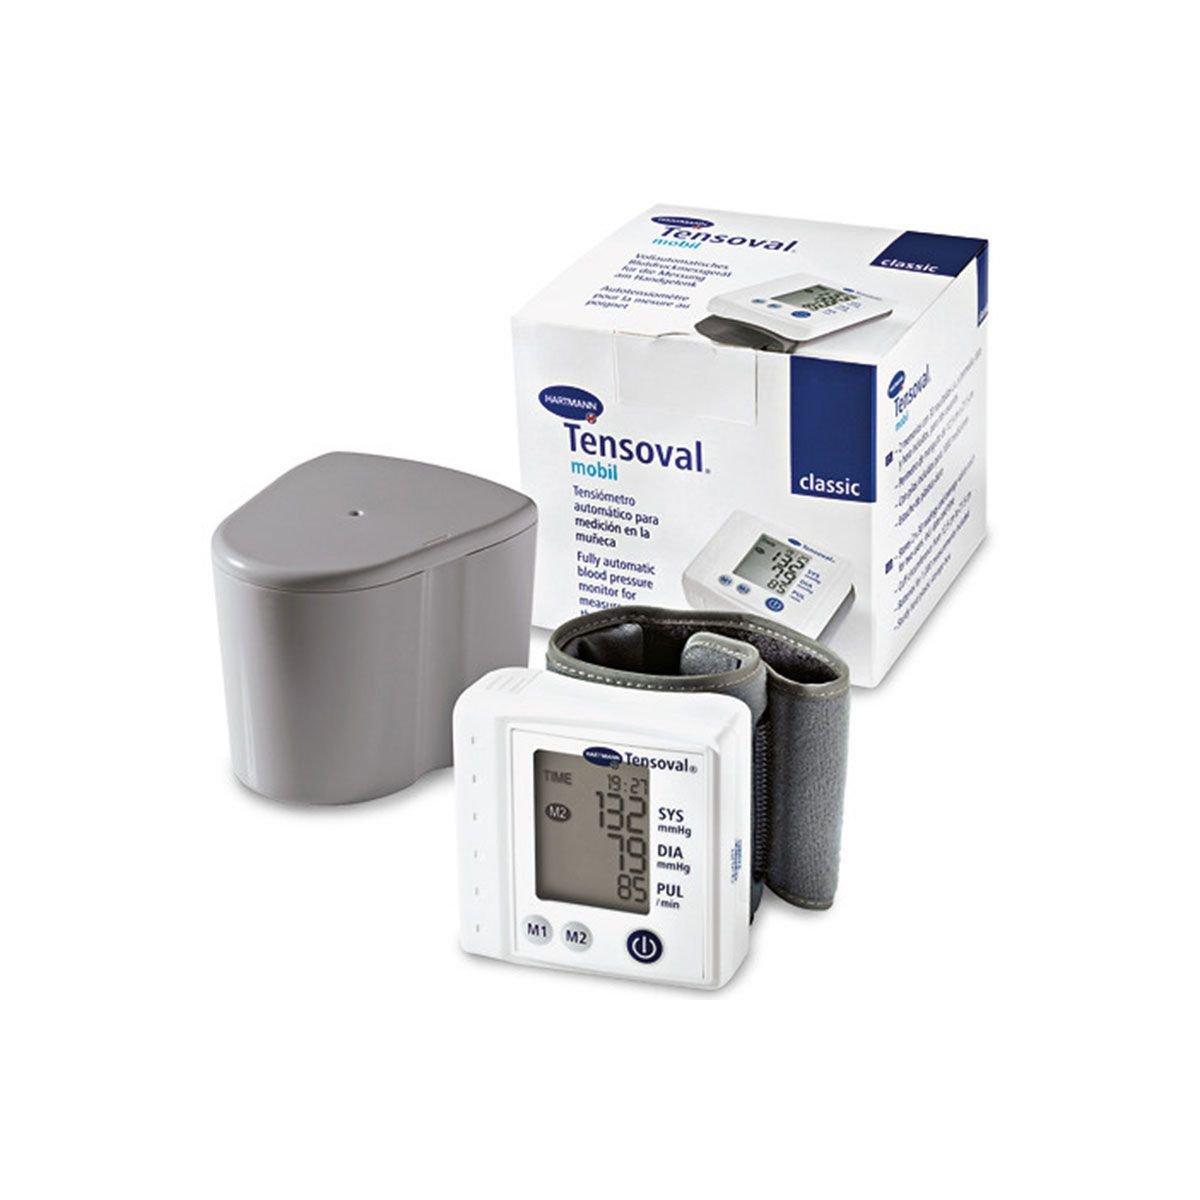 Hartmann 900119 Tensoval Mobil Classic - Tensiómetro automático para medición en la muñeca: Amazon.es: Salud y cuidado personal